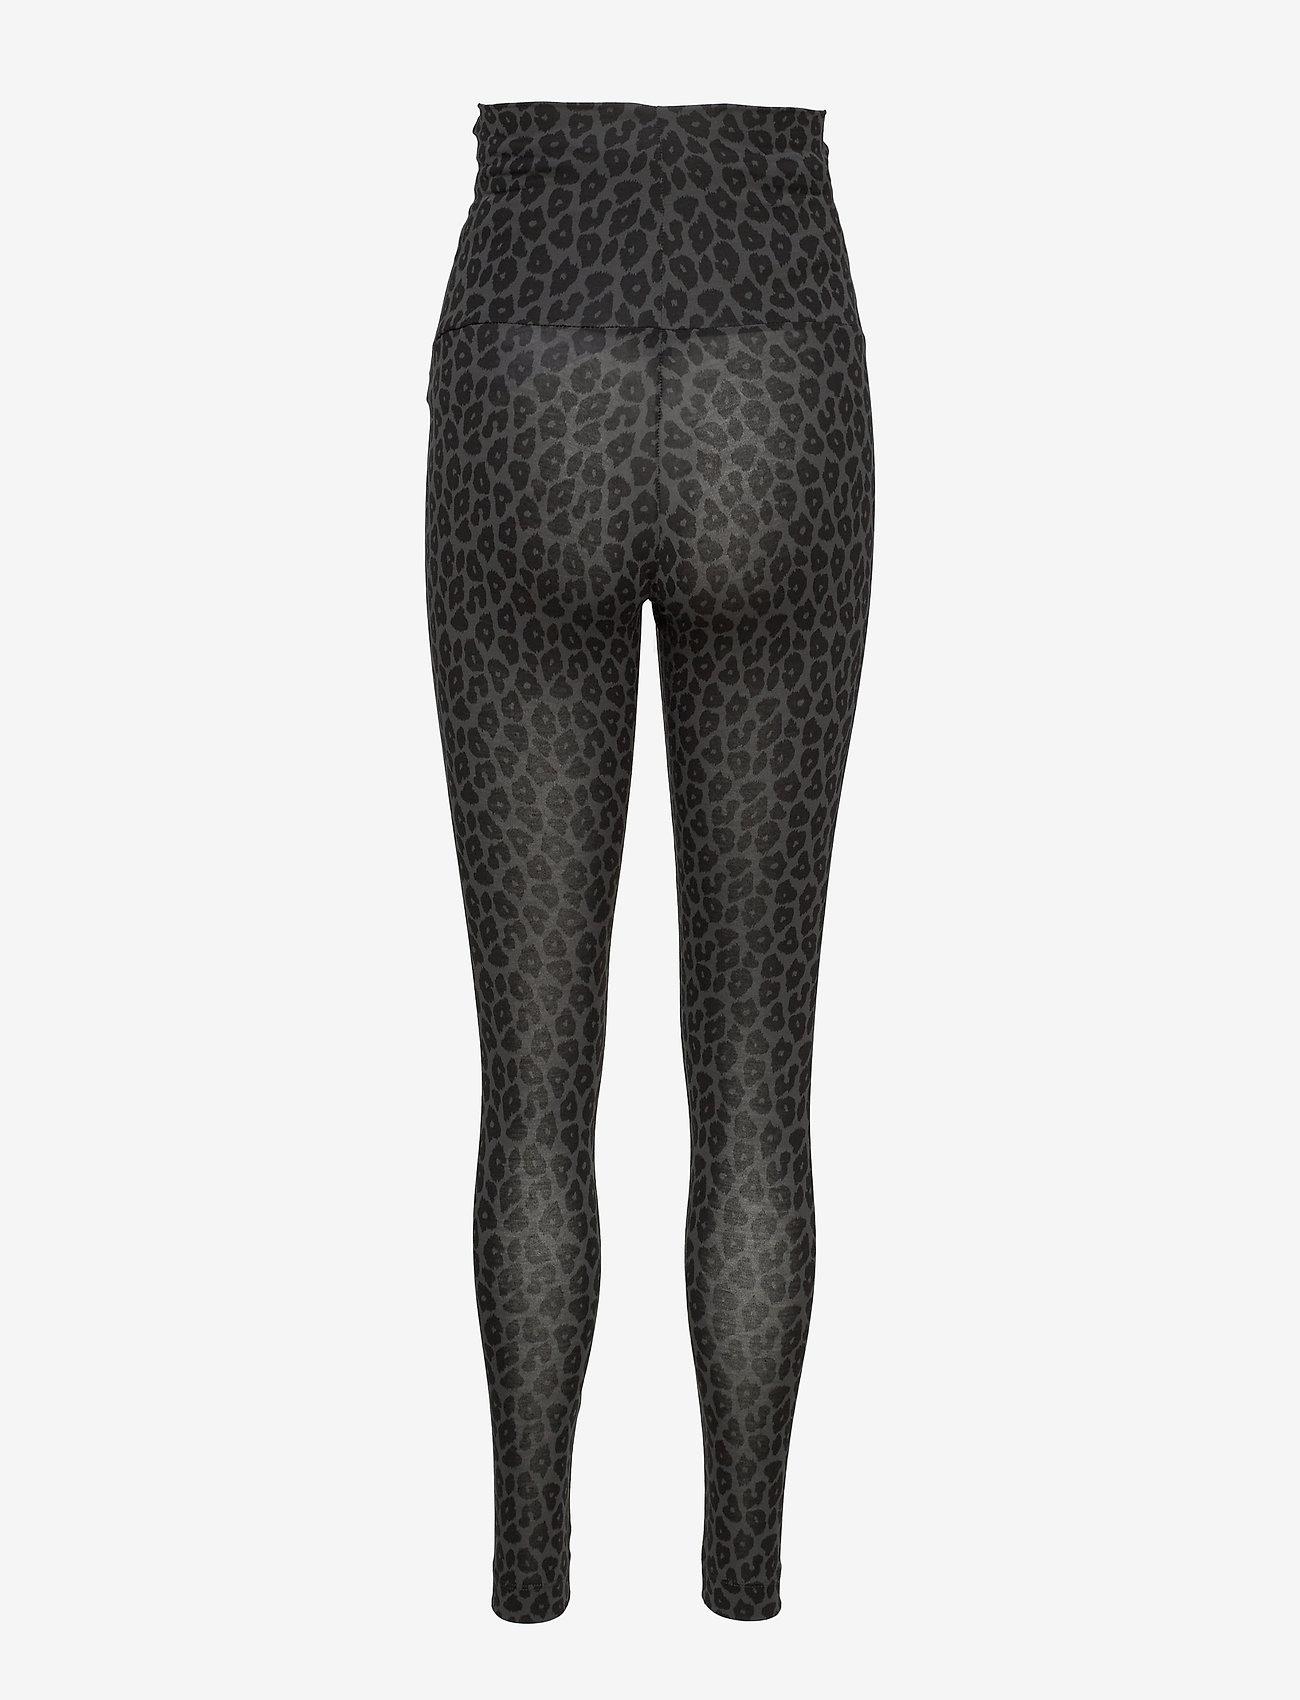 Boob - Once-on-never-off leggings - leggings - leo print grey/black - 1